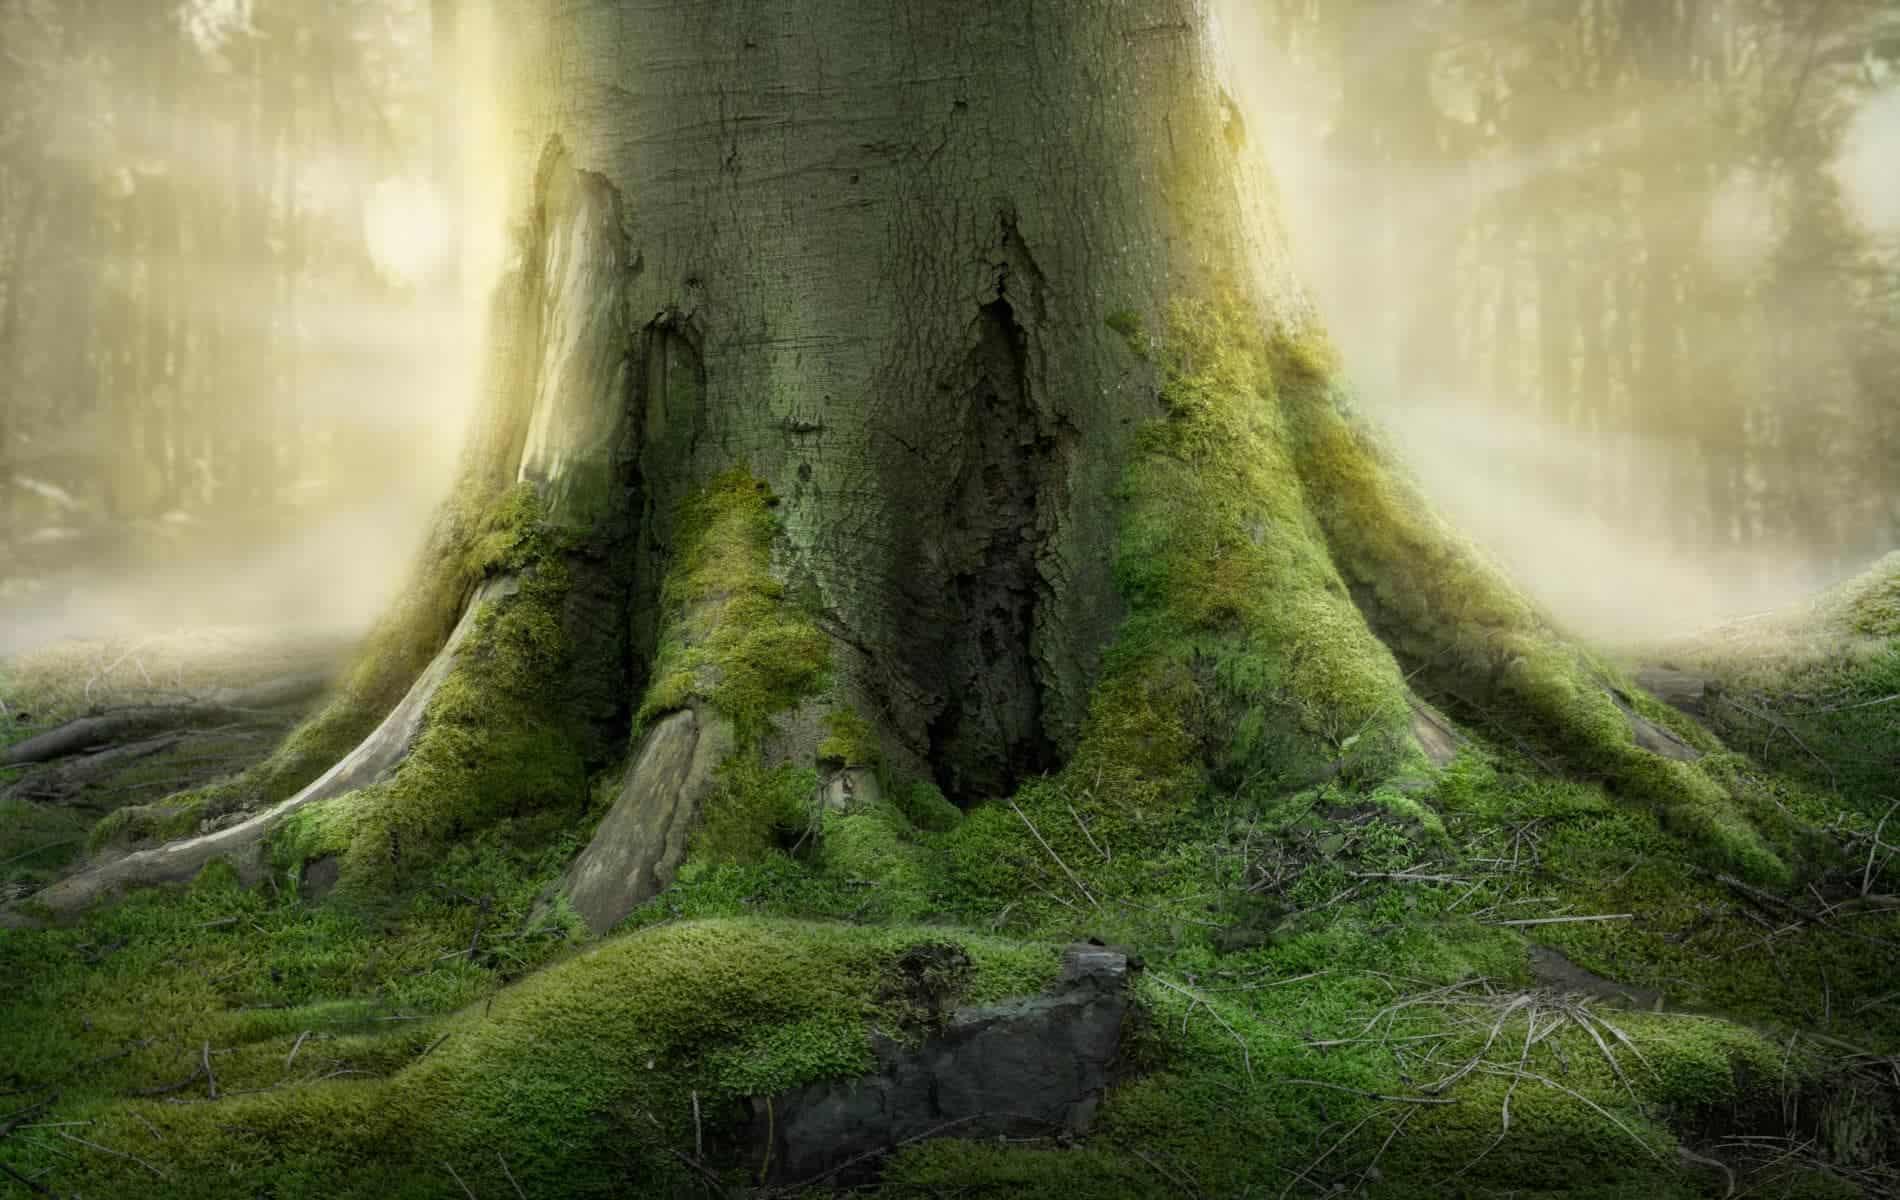 Waldbaden Baum Wurzel Biohacking Bad Duerrheim